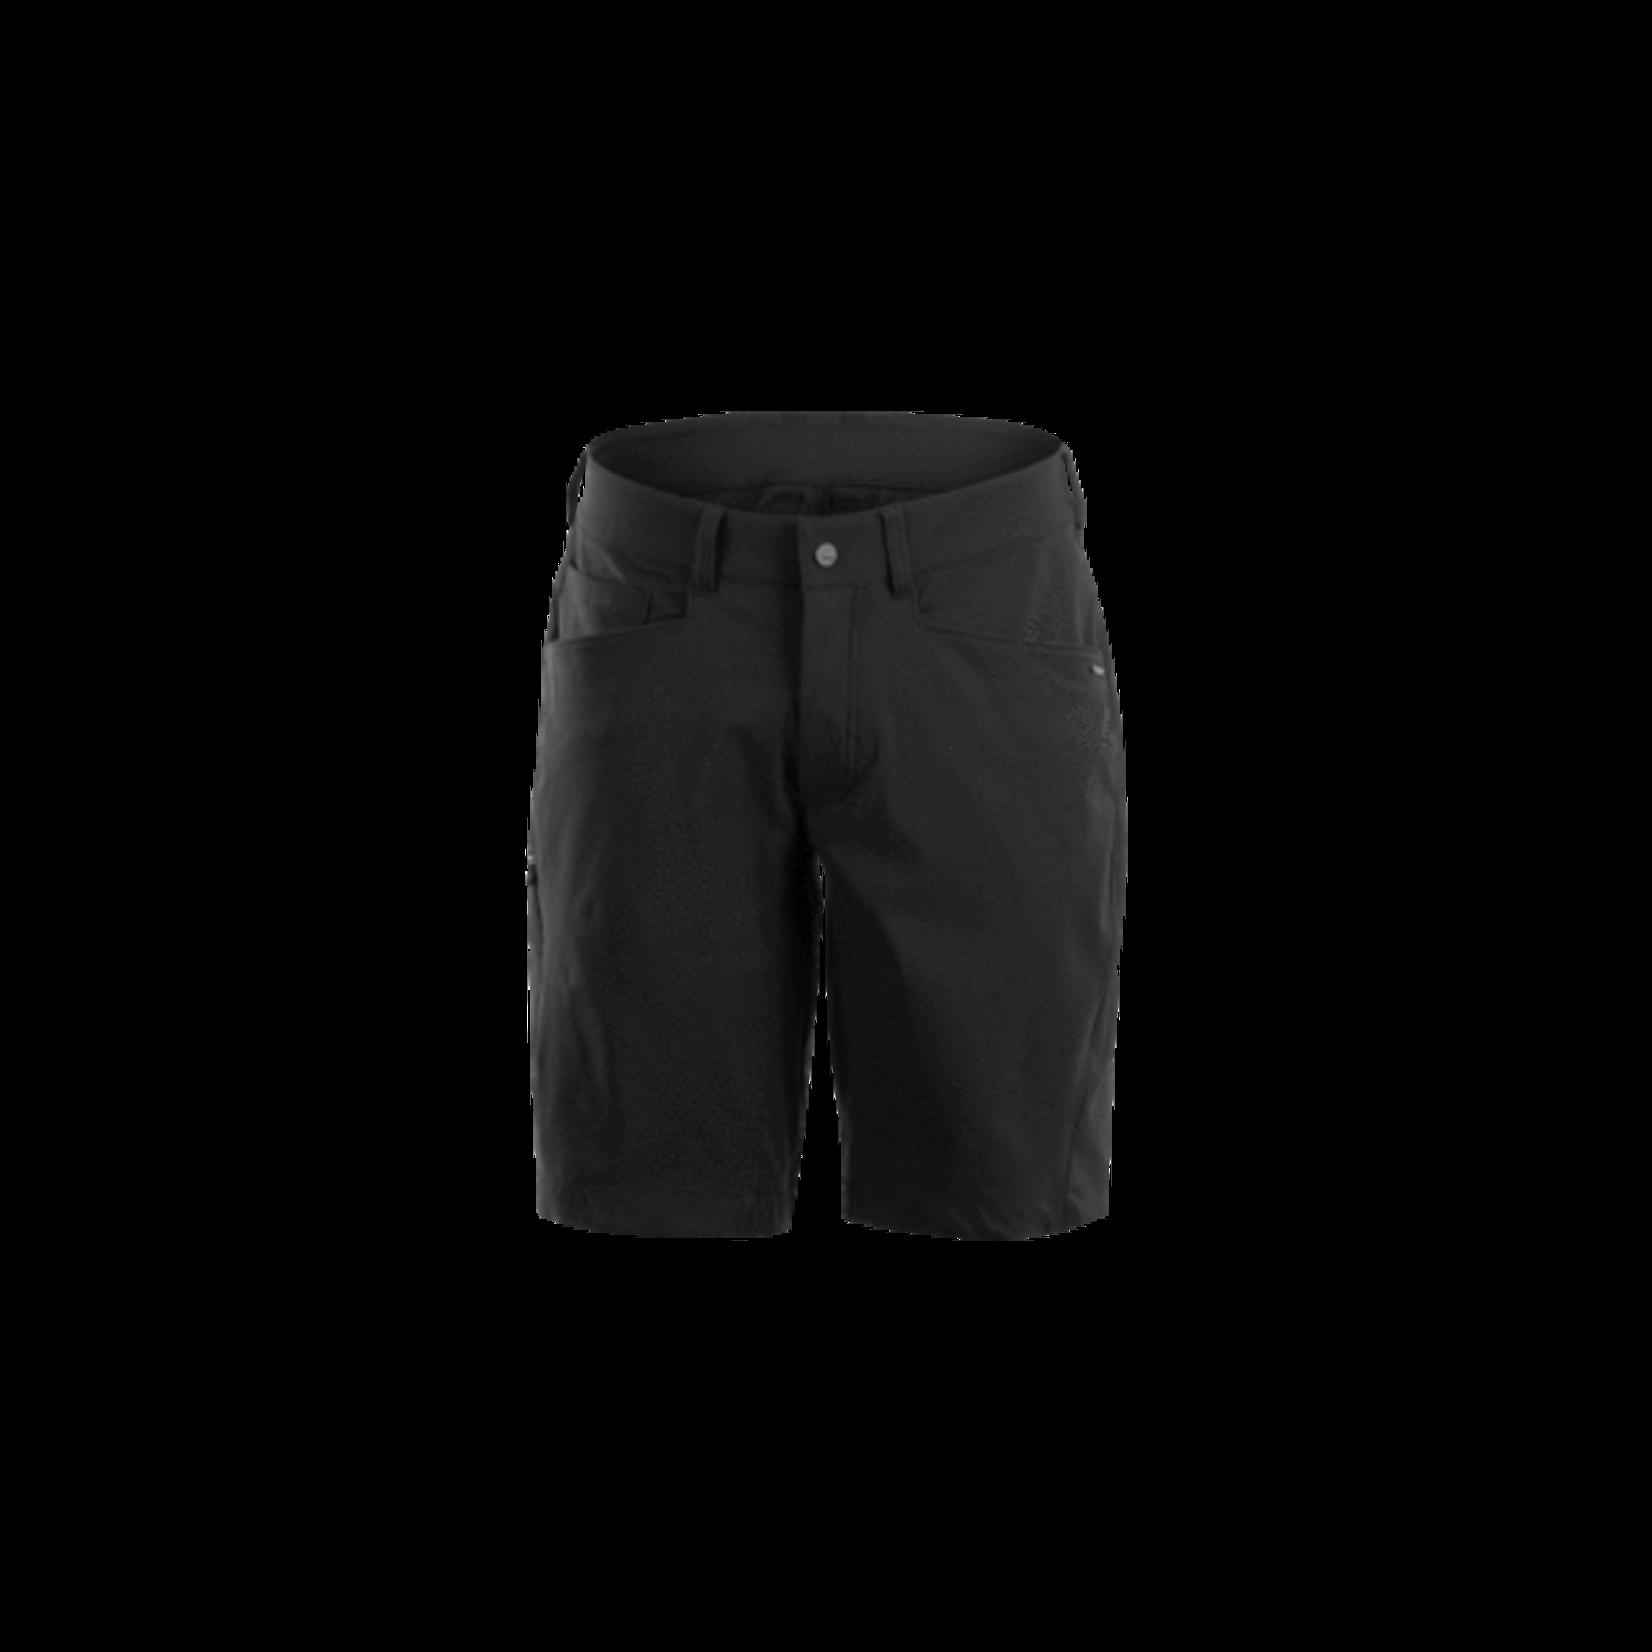 Sugoi Sugoi Coast Short Men's